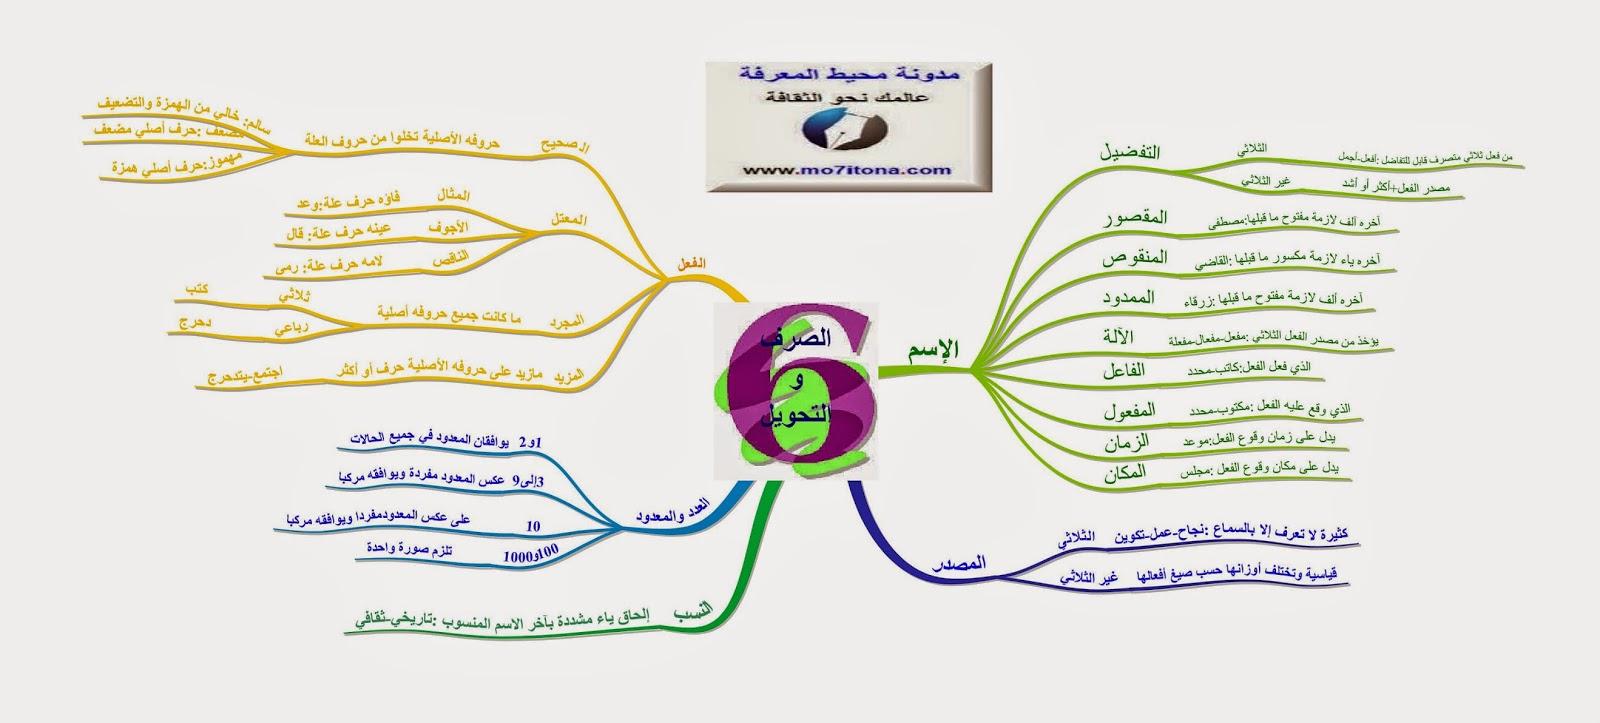 خريطة ذهنية لأساتذة القسم السادس :مادة الصرف والتحويل